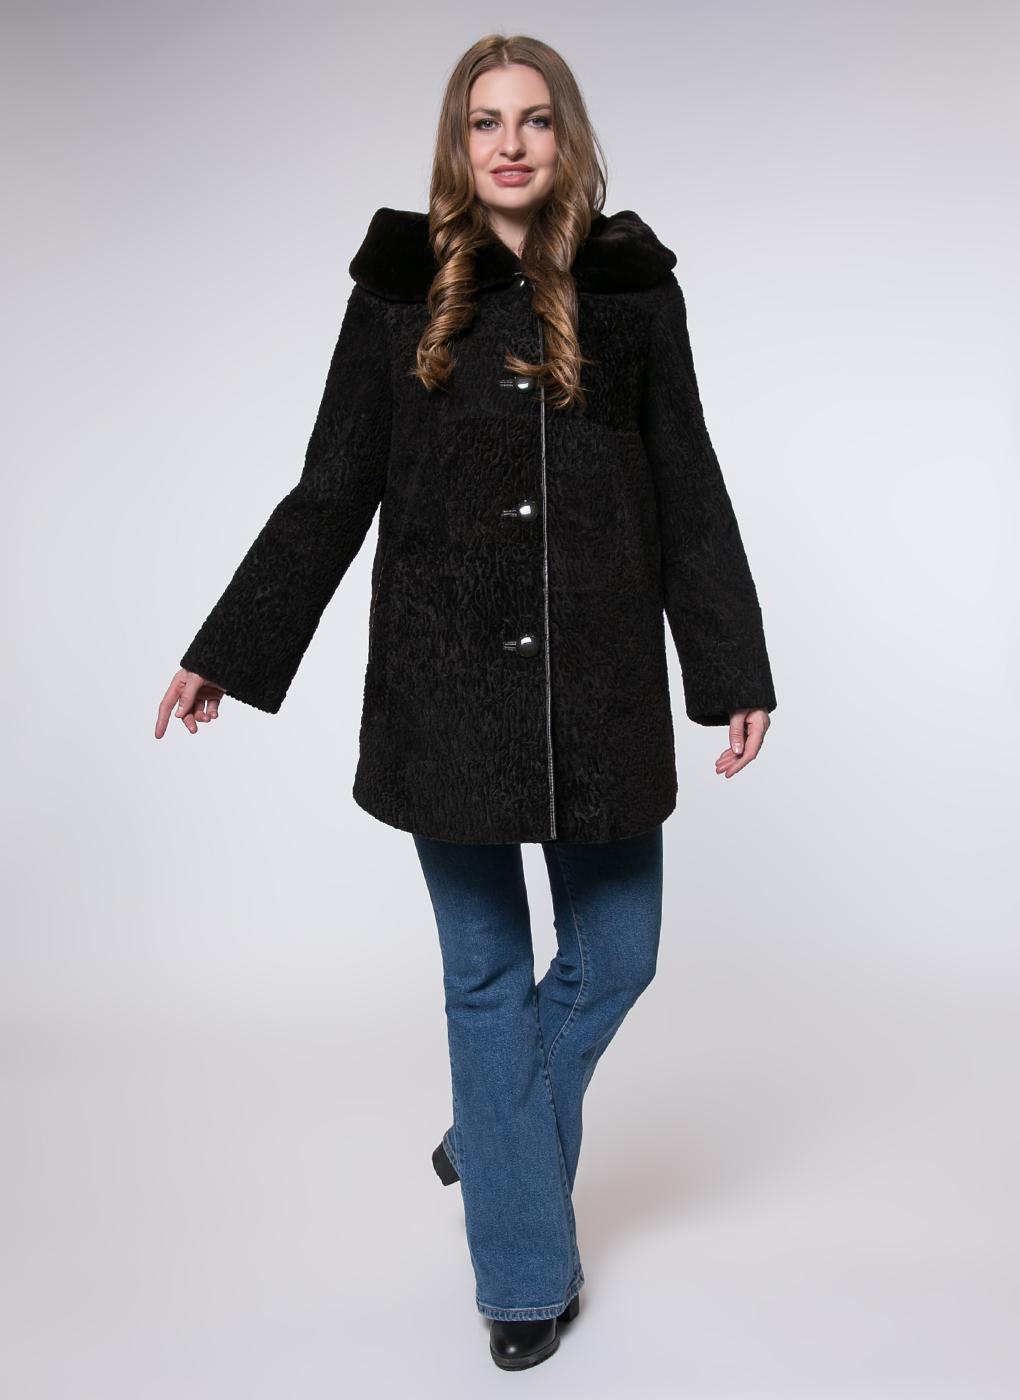 Пальто прямое из овчины 01, Alfafur фото